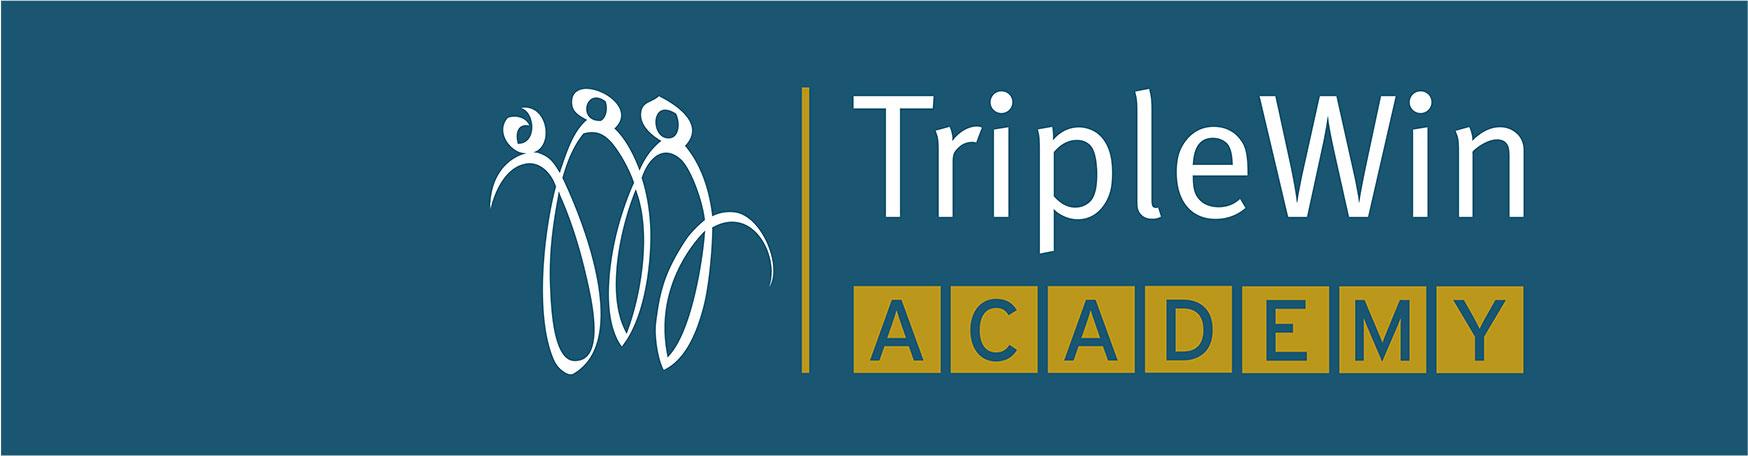 TripleWin Academy